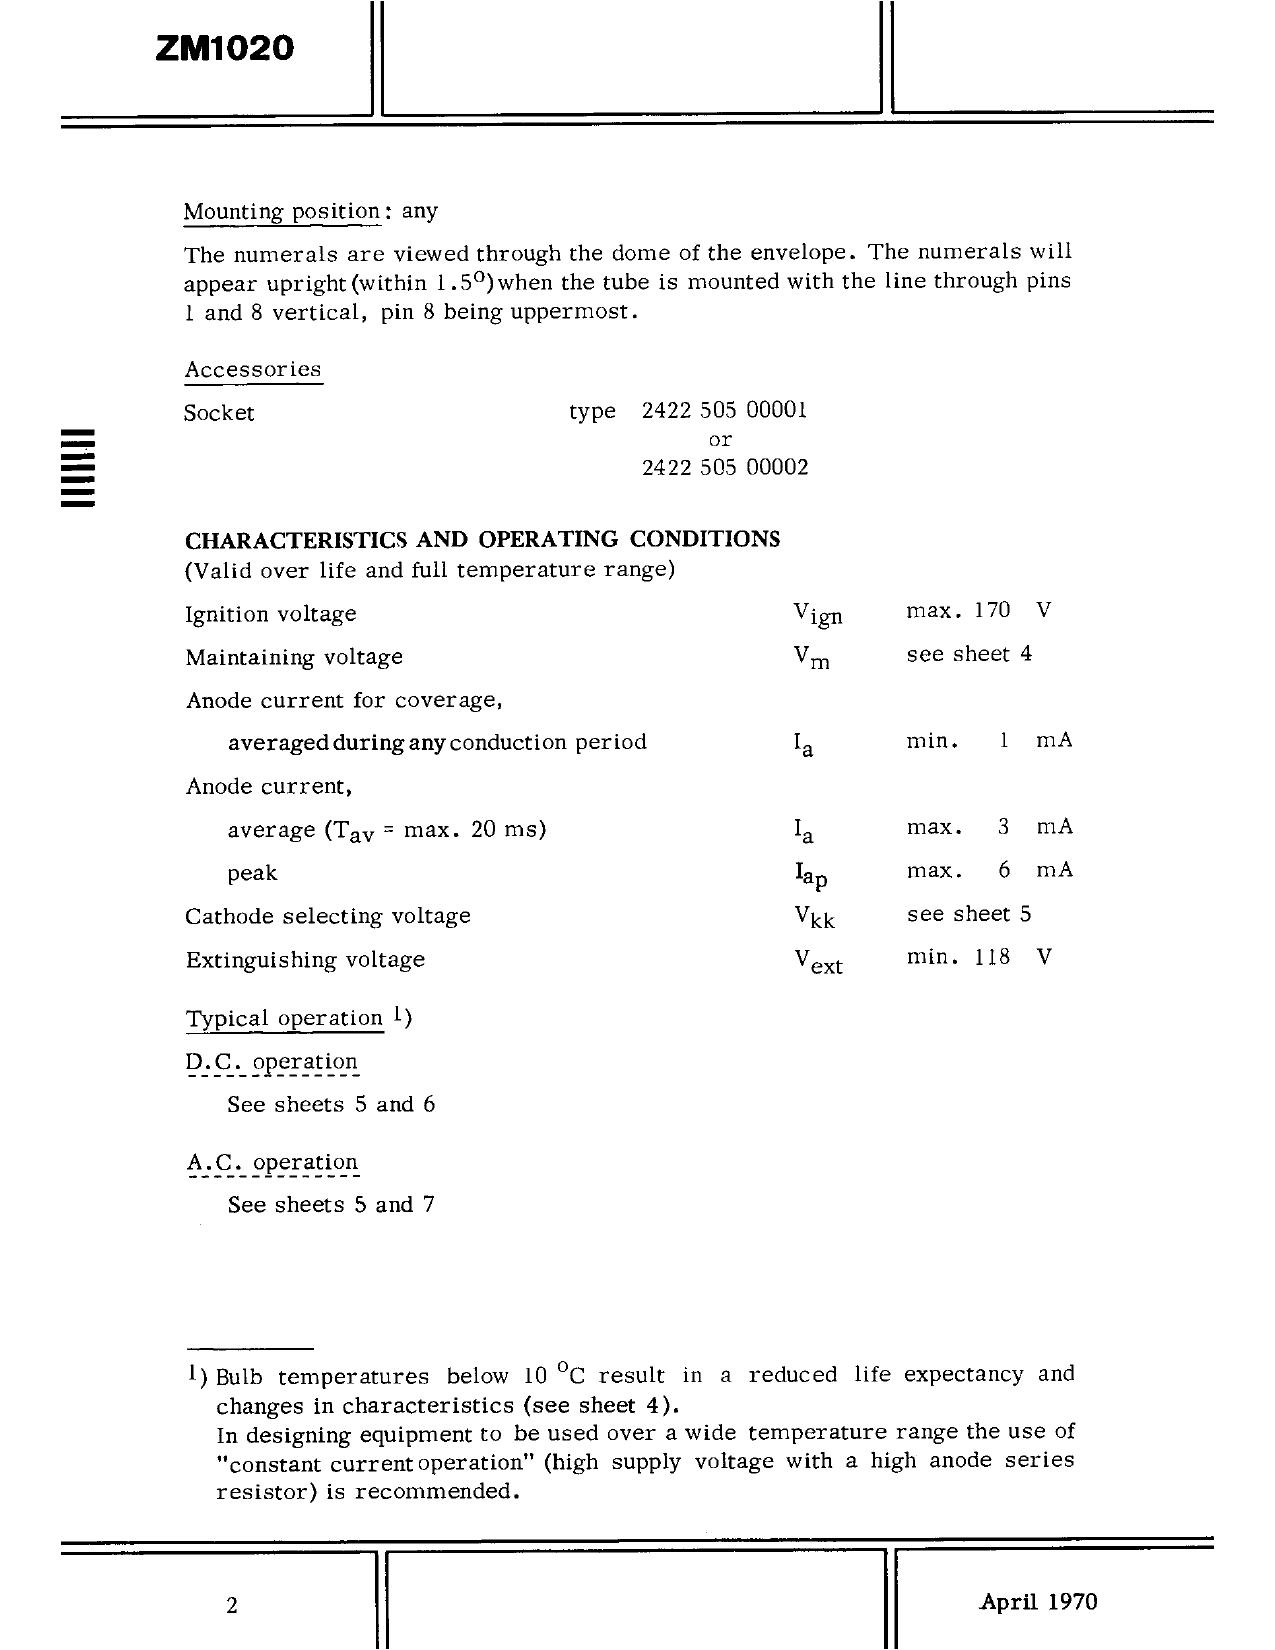 ZM1020 pdf, equivalent, schematic